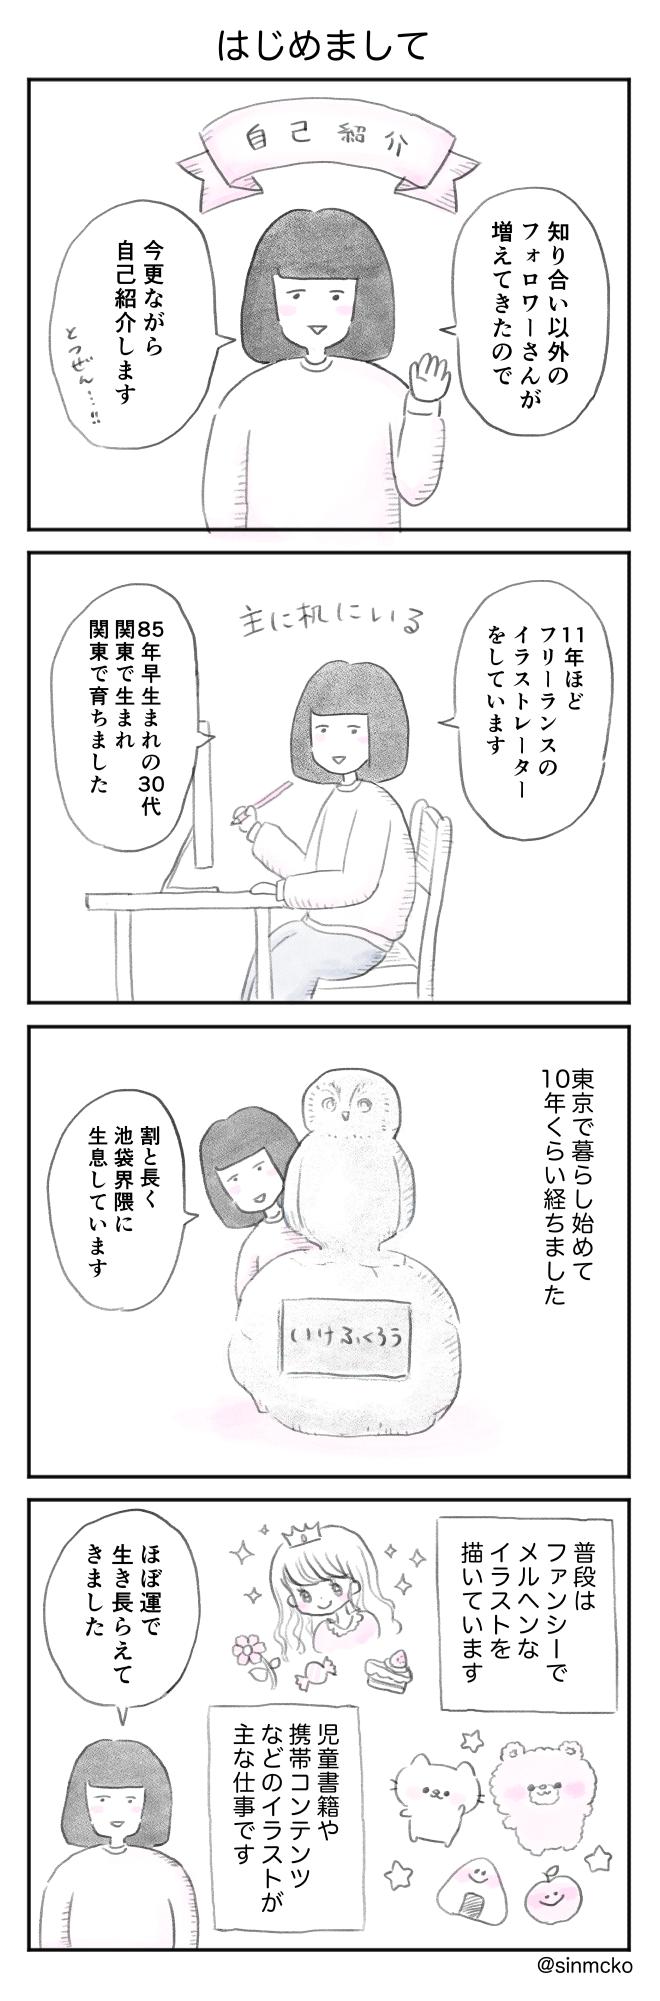 プロフィール漫画